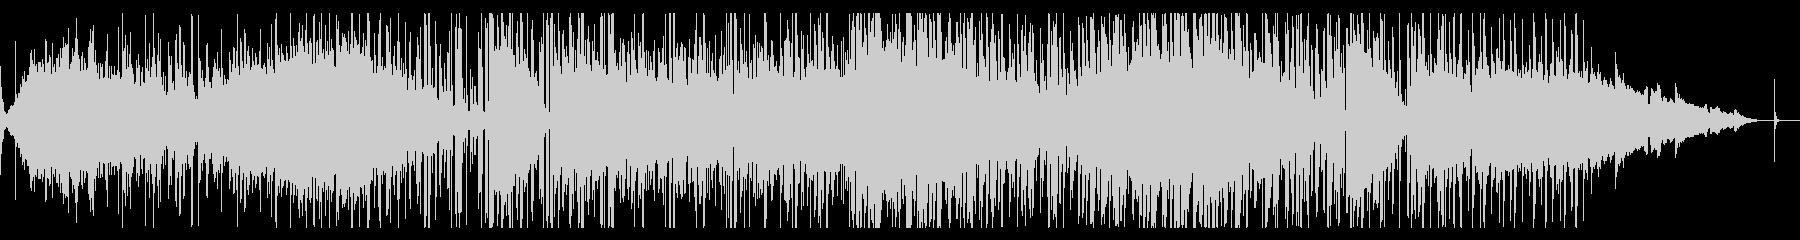 グリッジなシネマティックアンビエントの未再生の波形